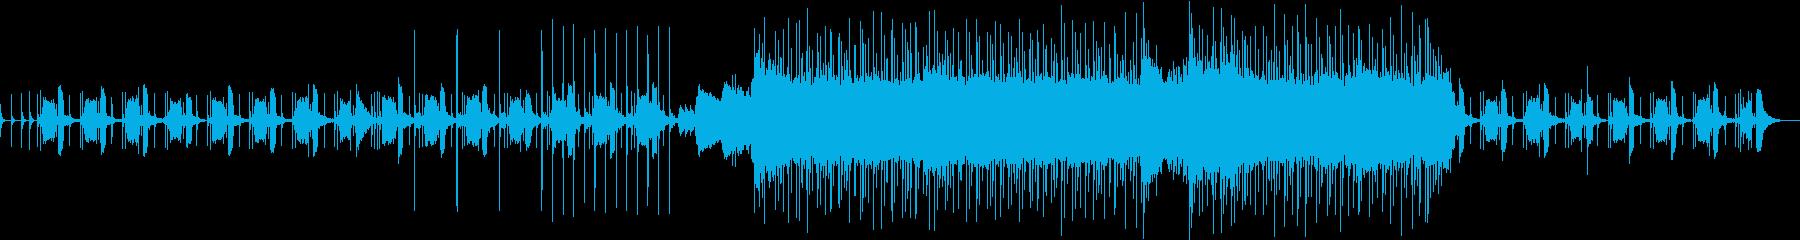 エロクトロなメロコアの再生済みの波形